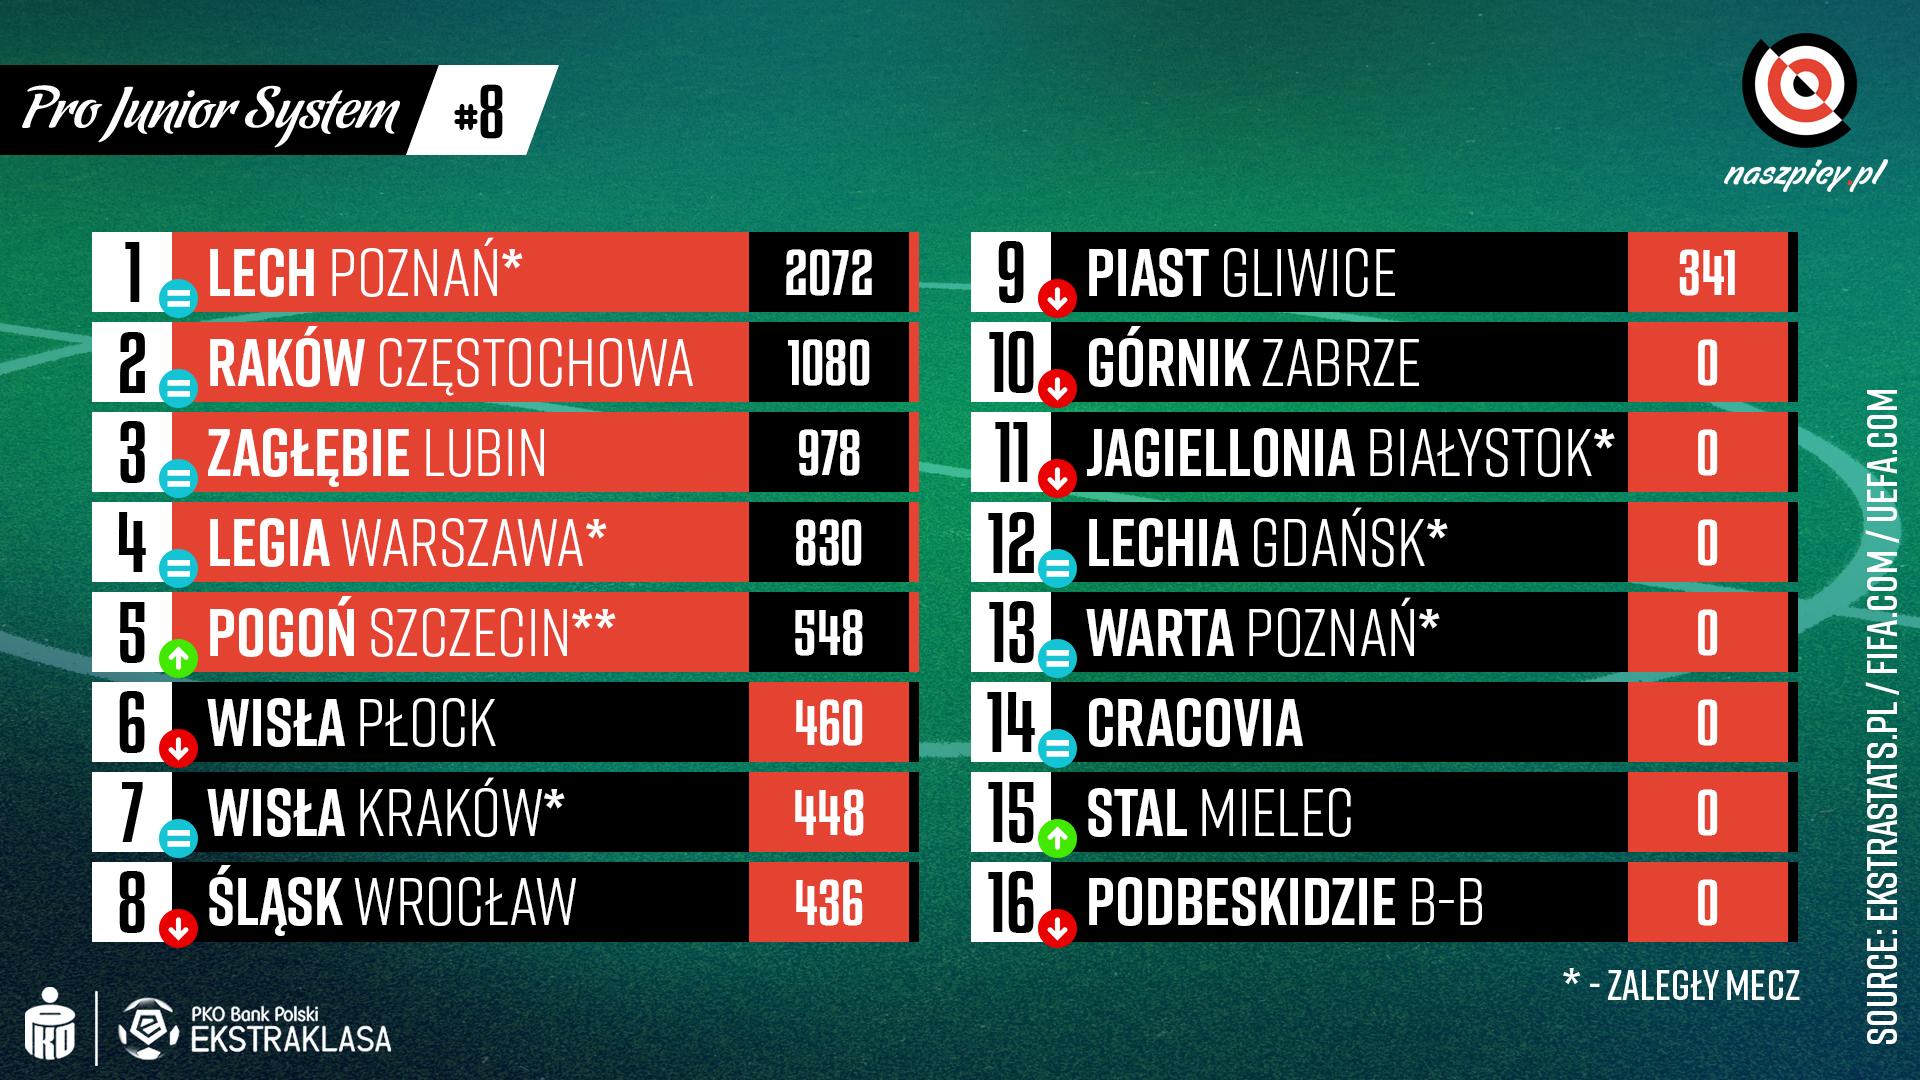 Punktacja Pro Junior System po 8. kolejce PKO Ekstraklasy<br><br>Źródło: Opracowanie własne na podstawie ekstrastats.pl<br><br>graf. Bartosz Urban